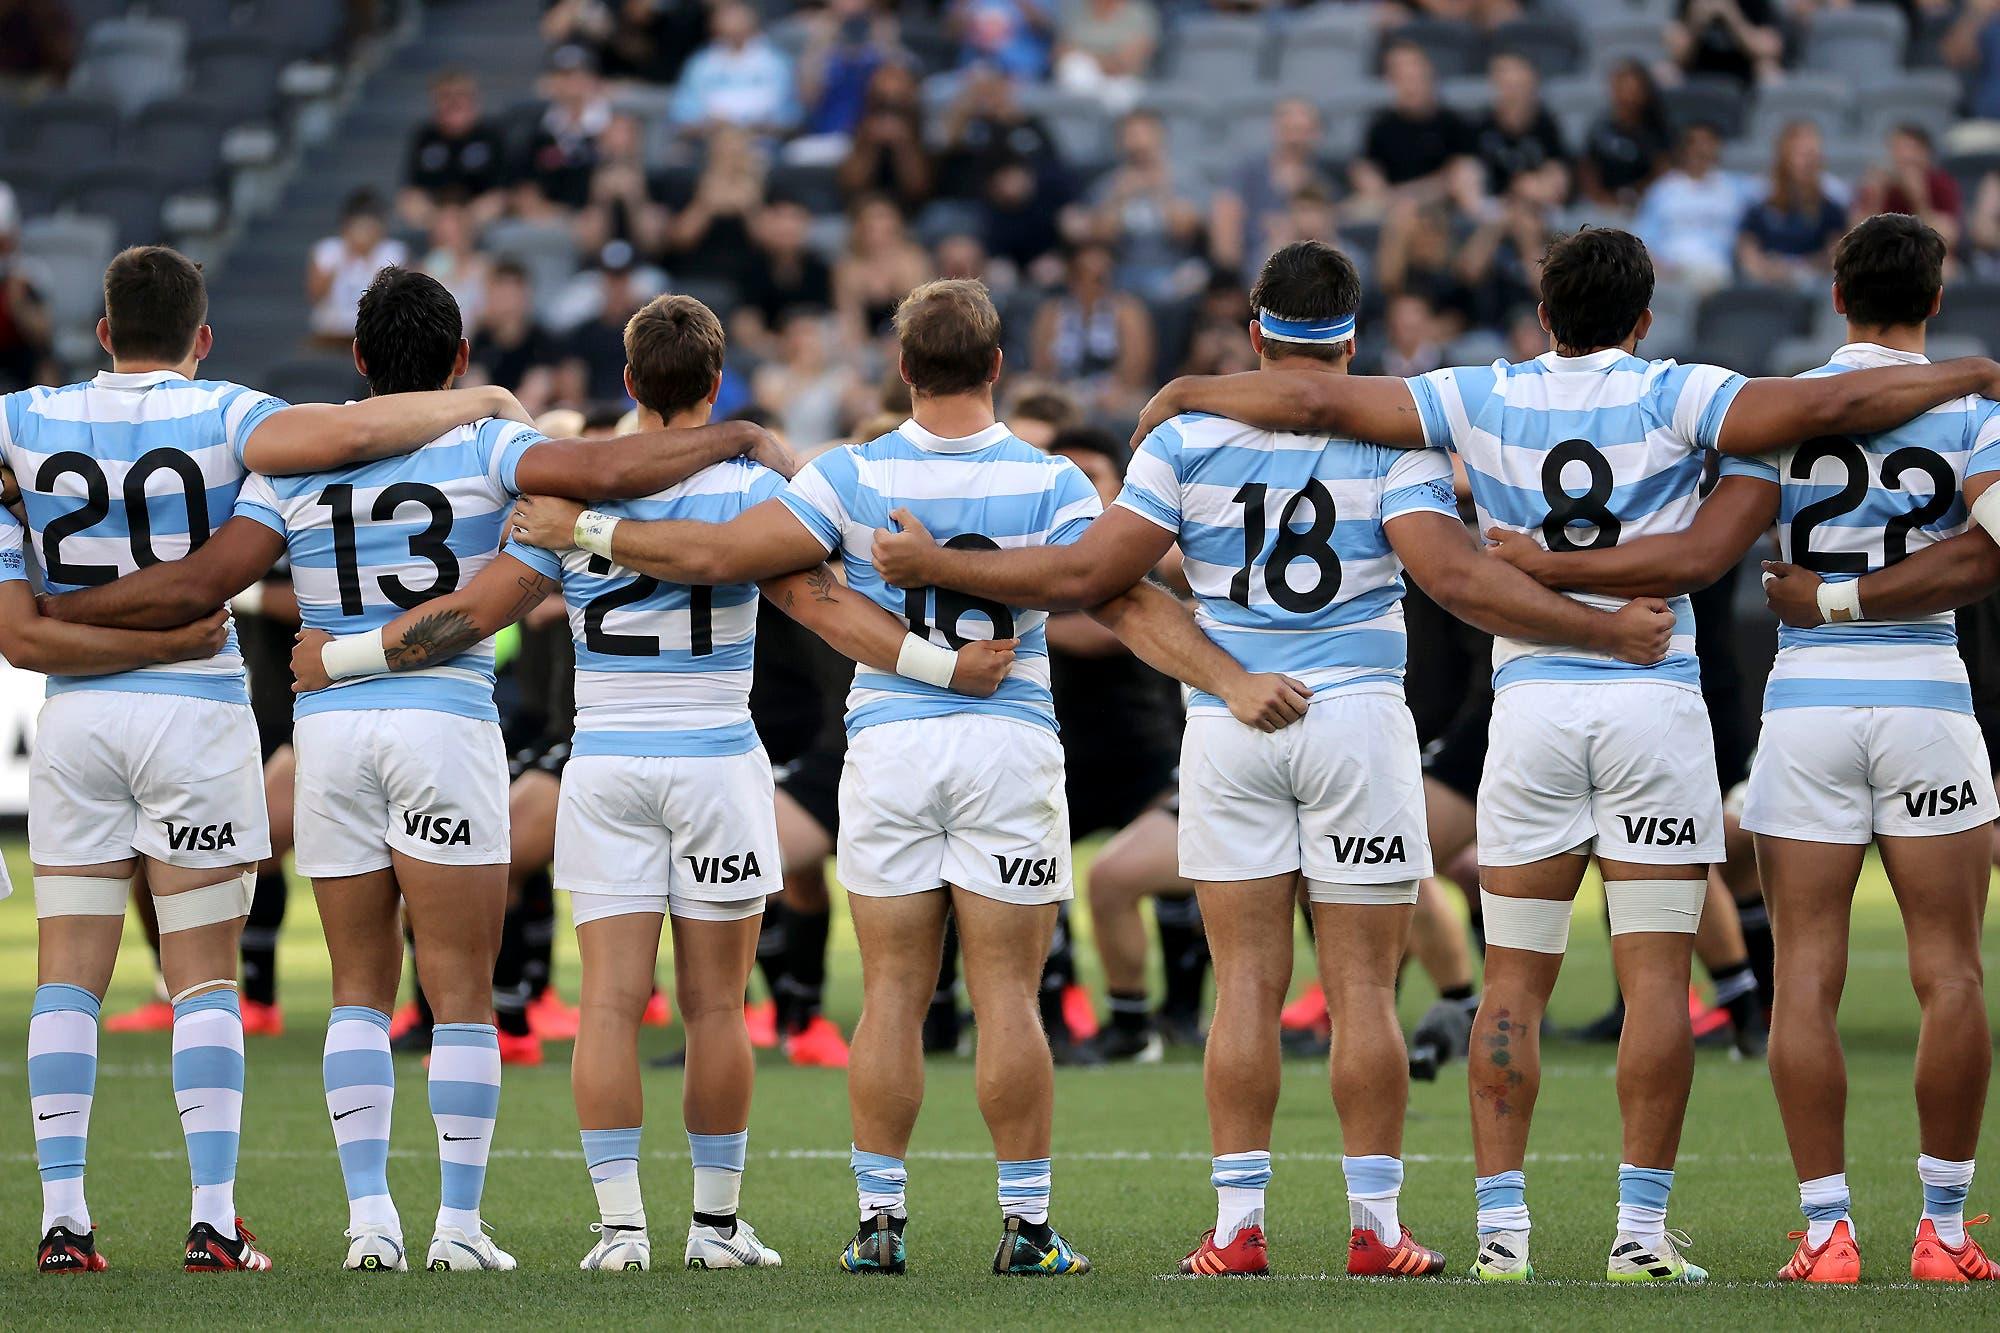 Los Pumas: fuerte repudio del INADI y la DAIA contra los posteos racistas de algunos jugadores